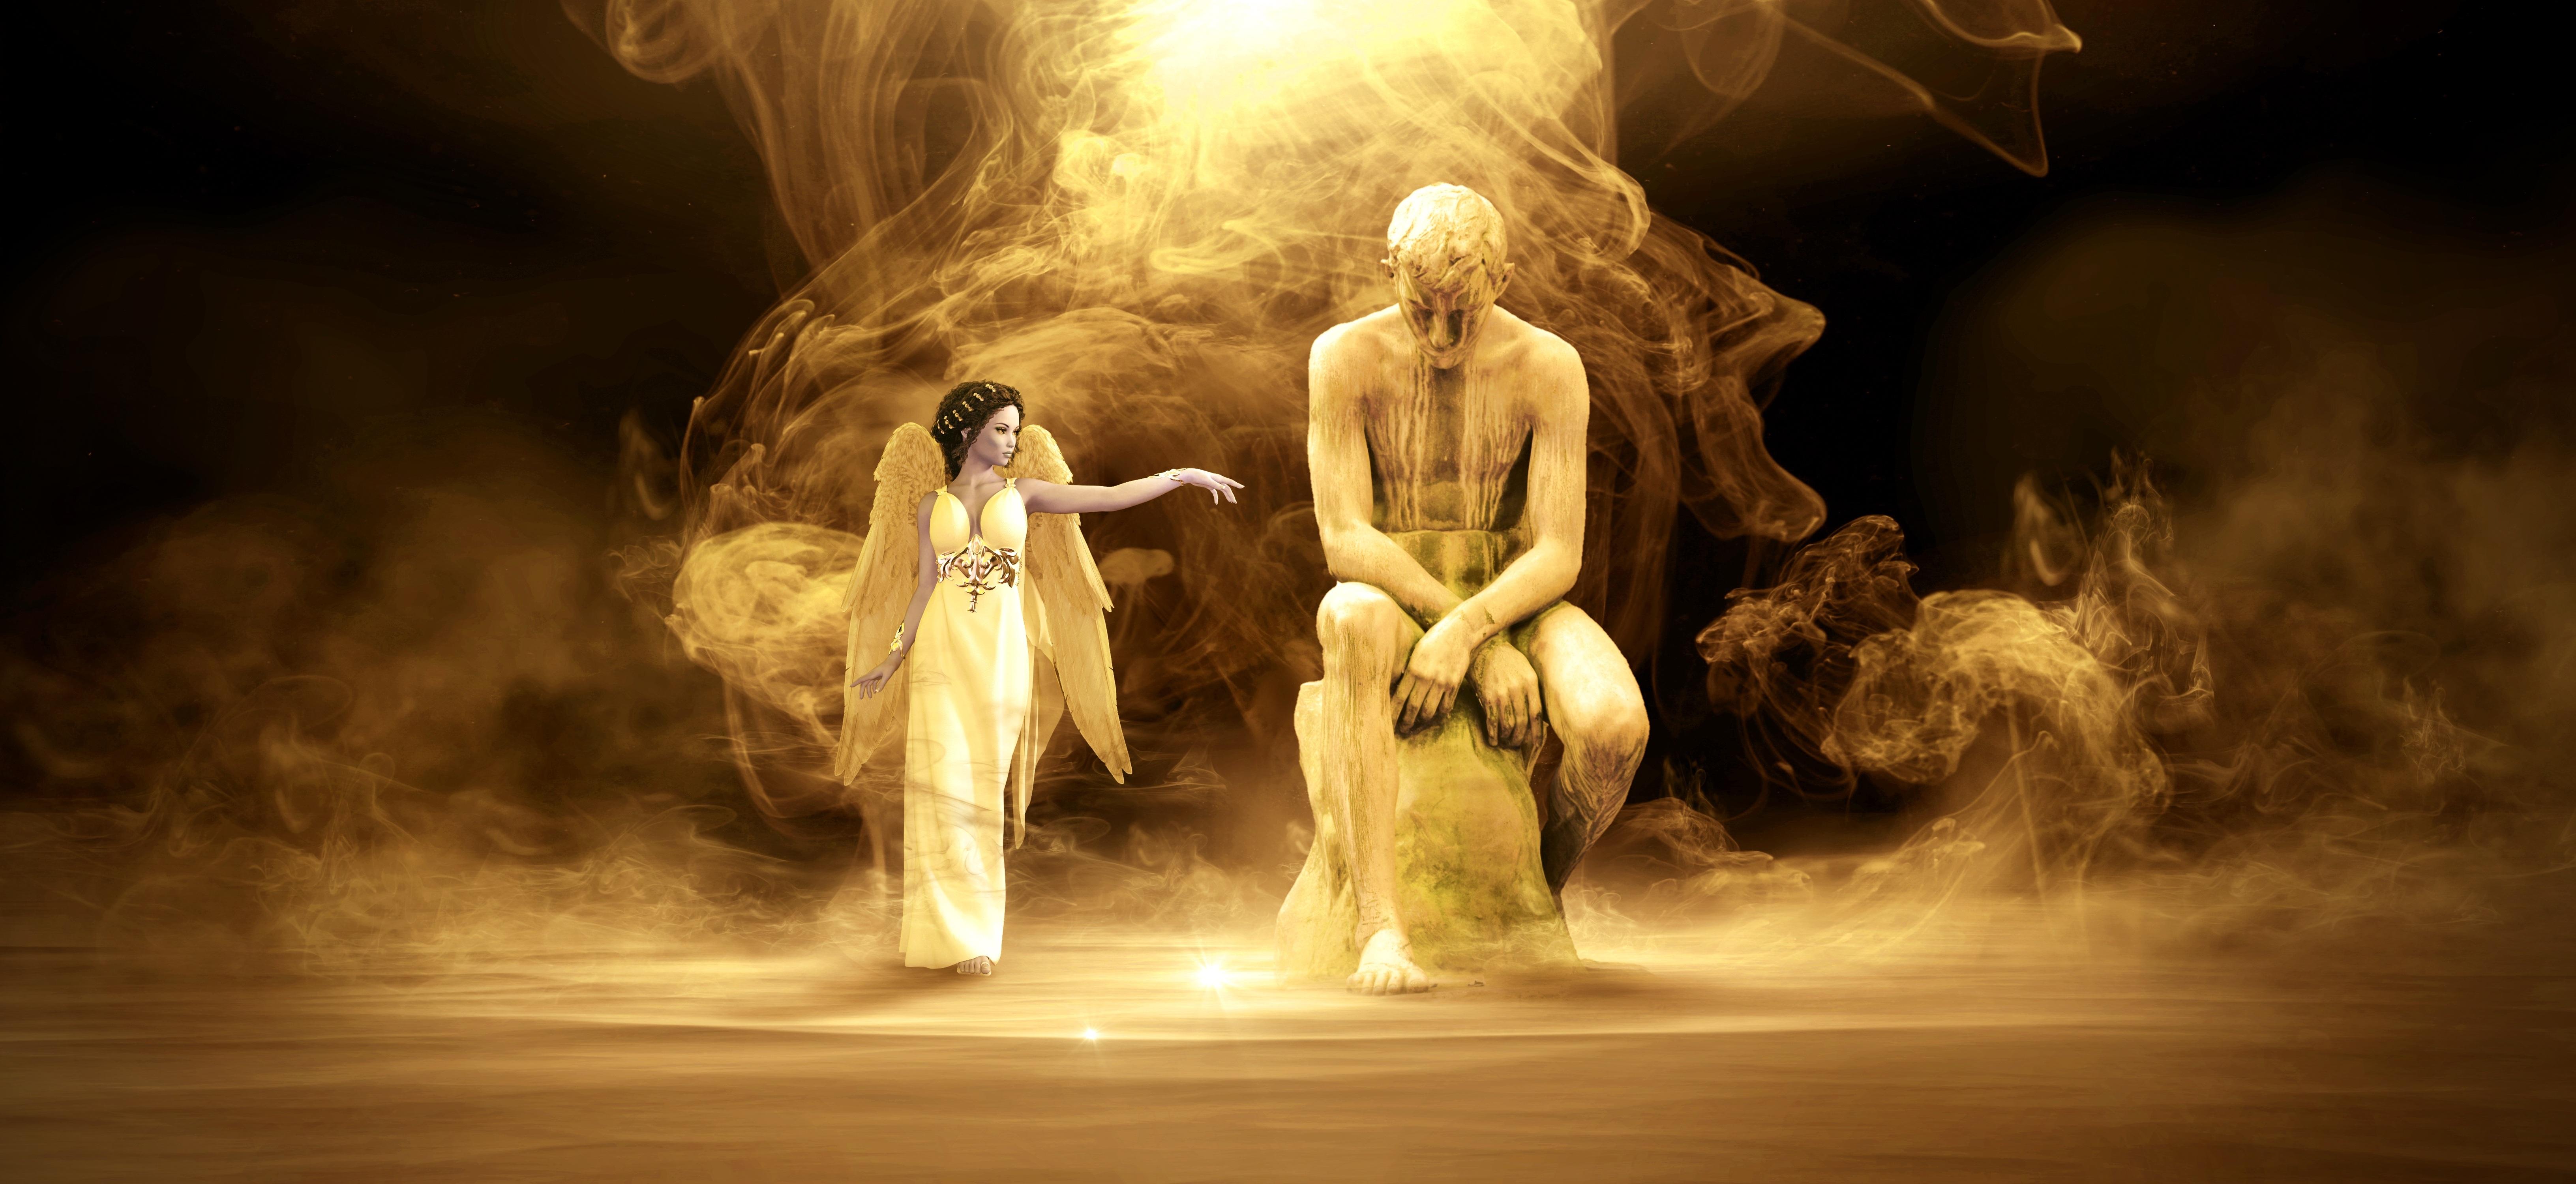 Bilder Mann Fantasy 3D-Grafik Mädchens Engeln Rauch sitzen Skulpturen Kleid 6526x3000 sitzt Sitzend